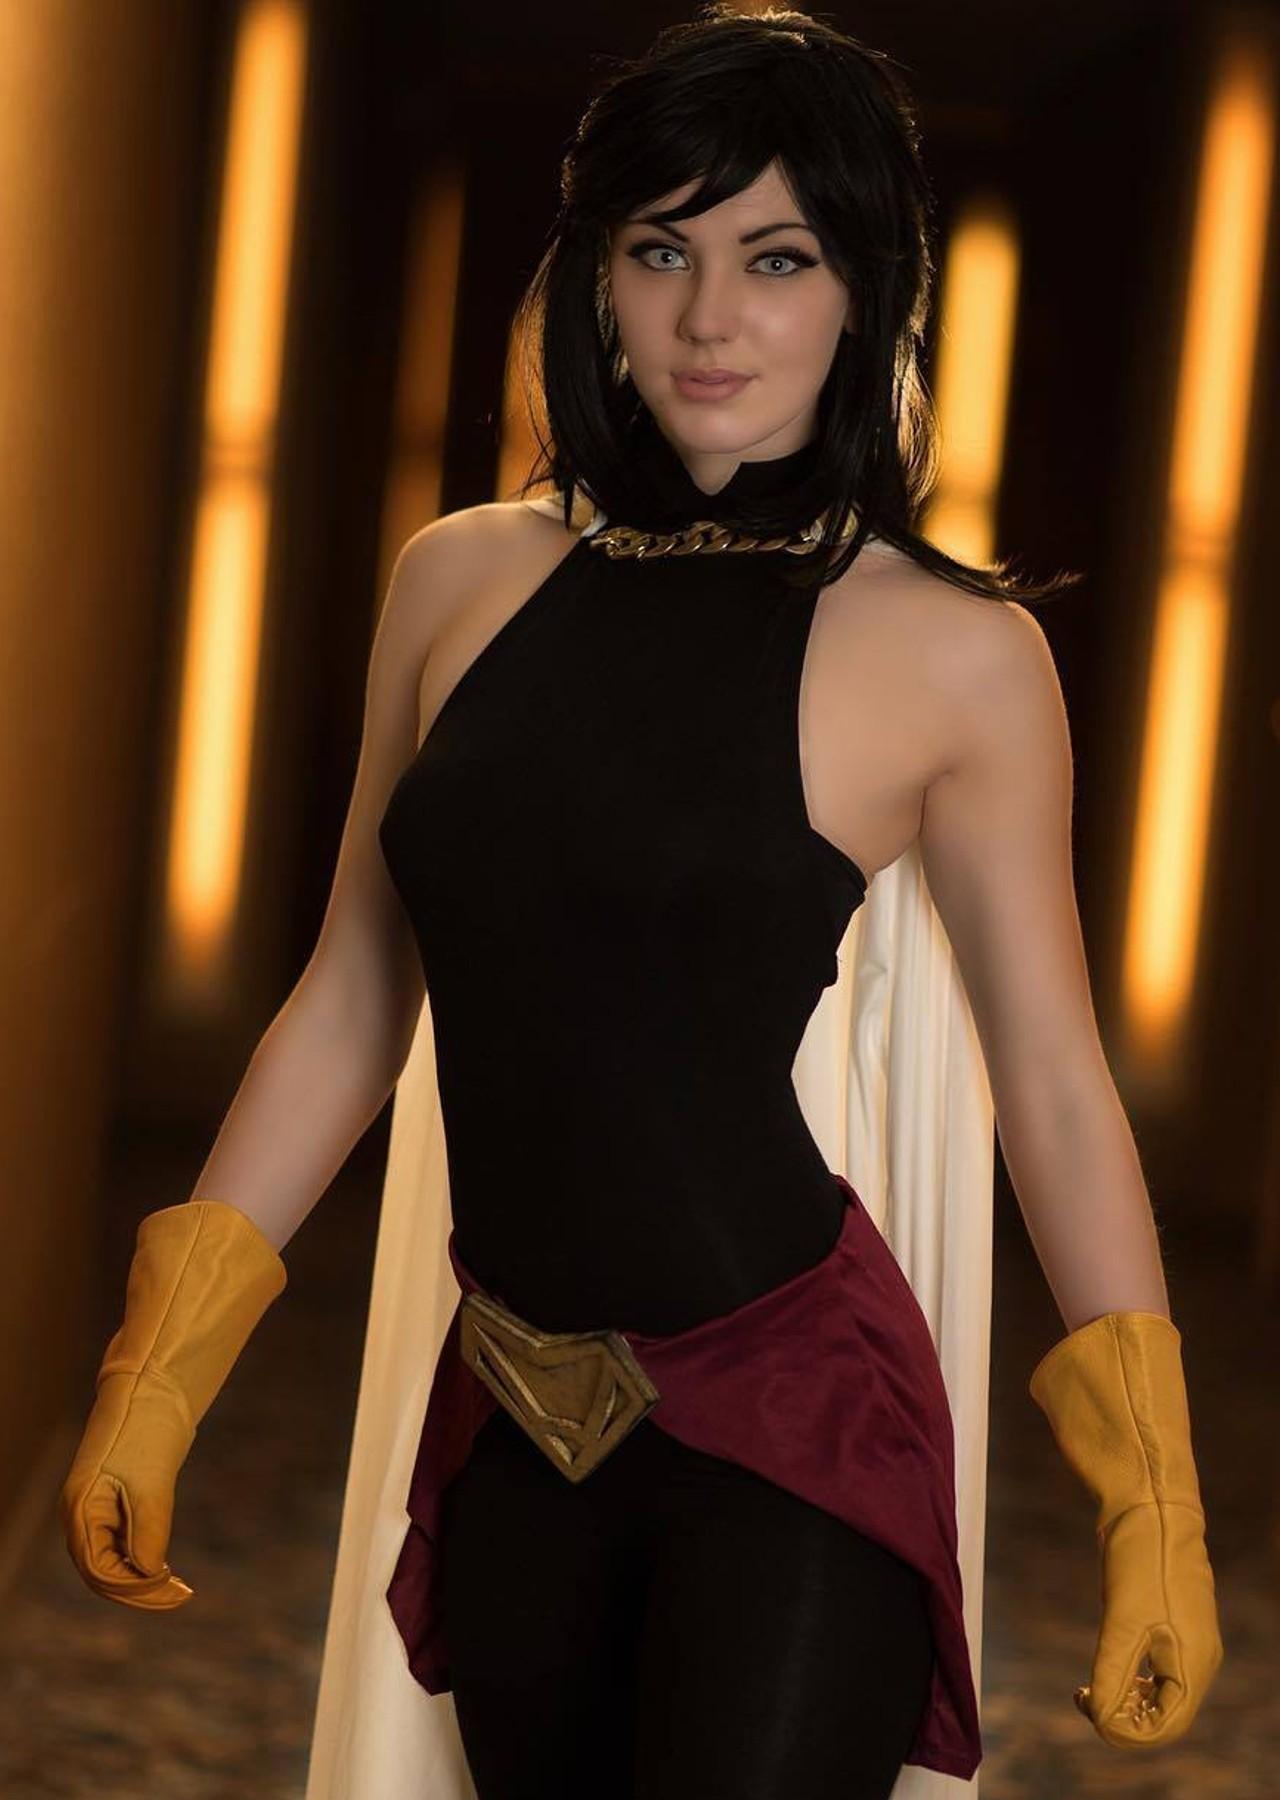 Nana Shimura My Hero Academia cosplay